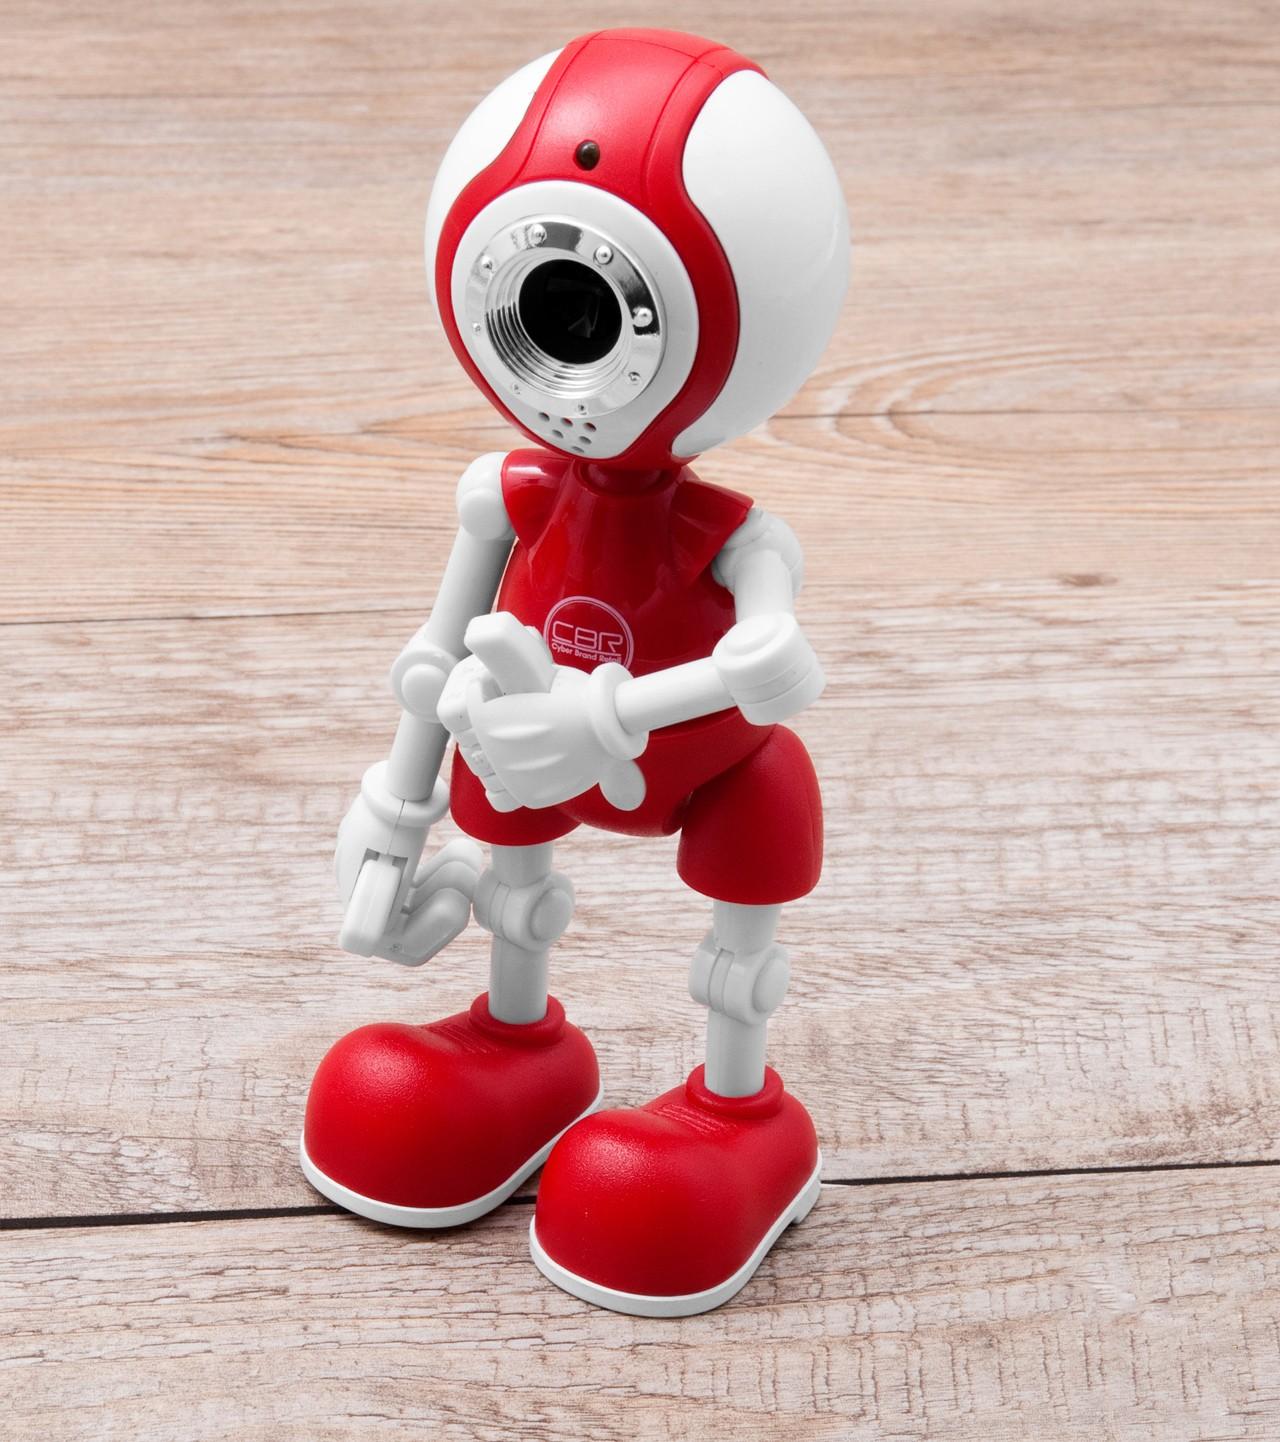 Веб-камера Cyberman